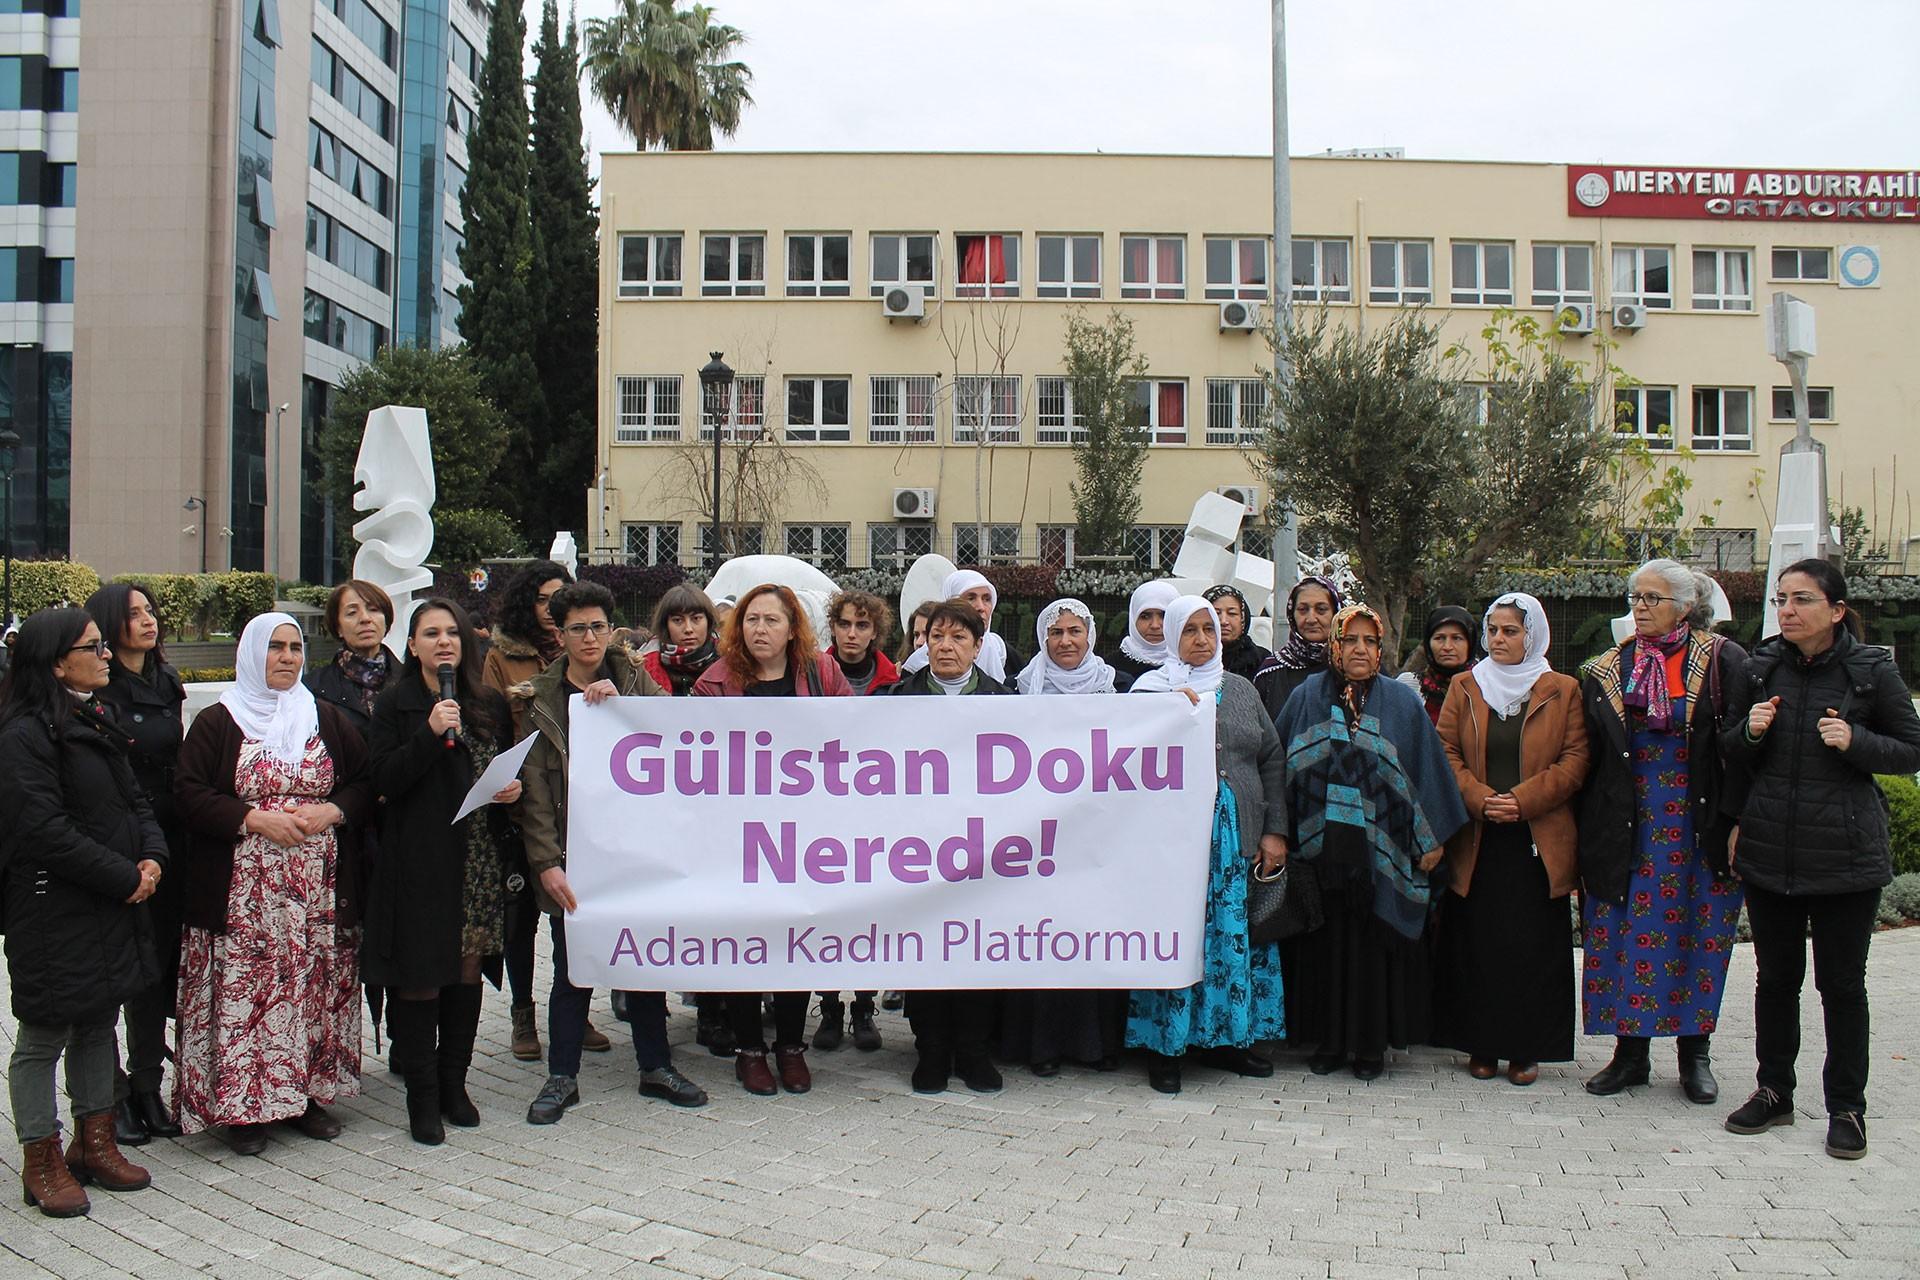 Adana'daki Gülistan Doku eylemi